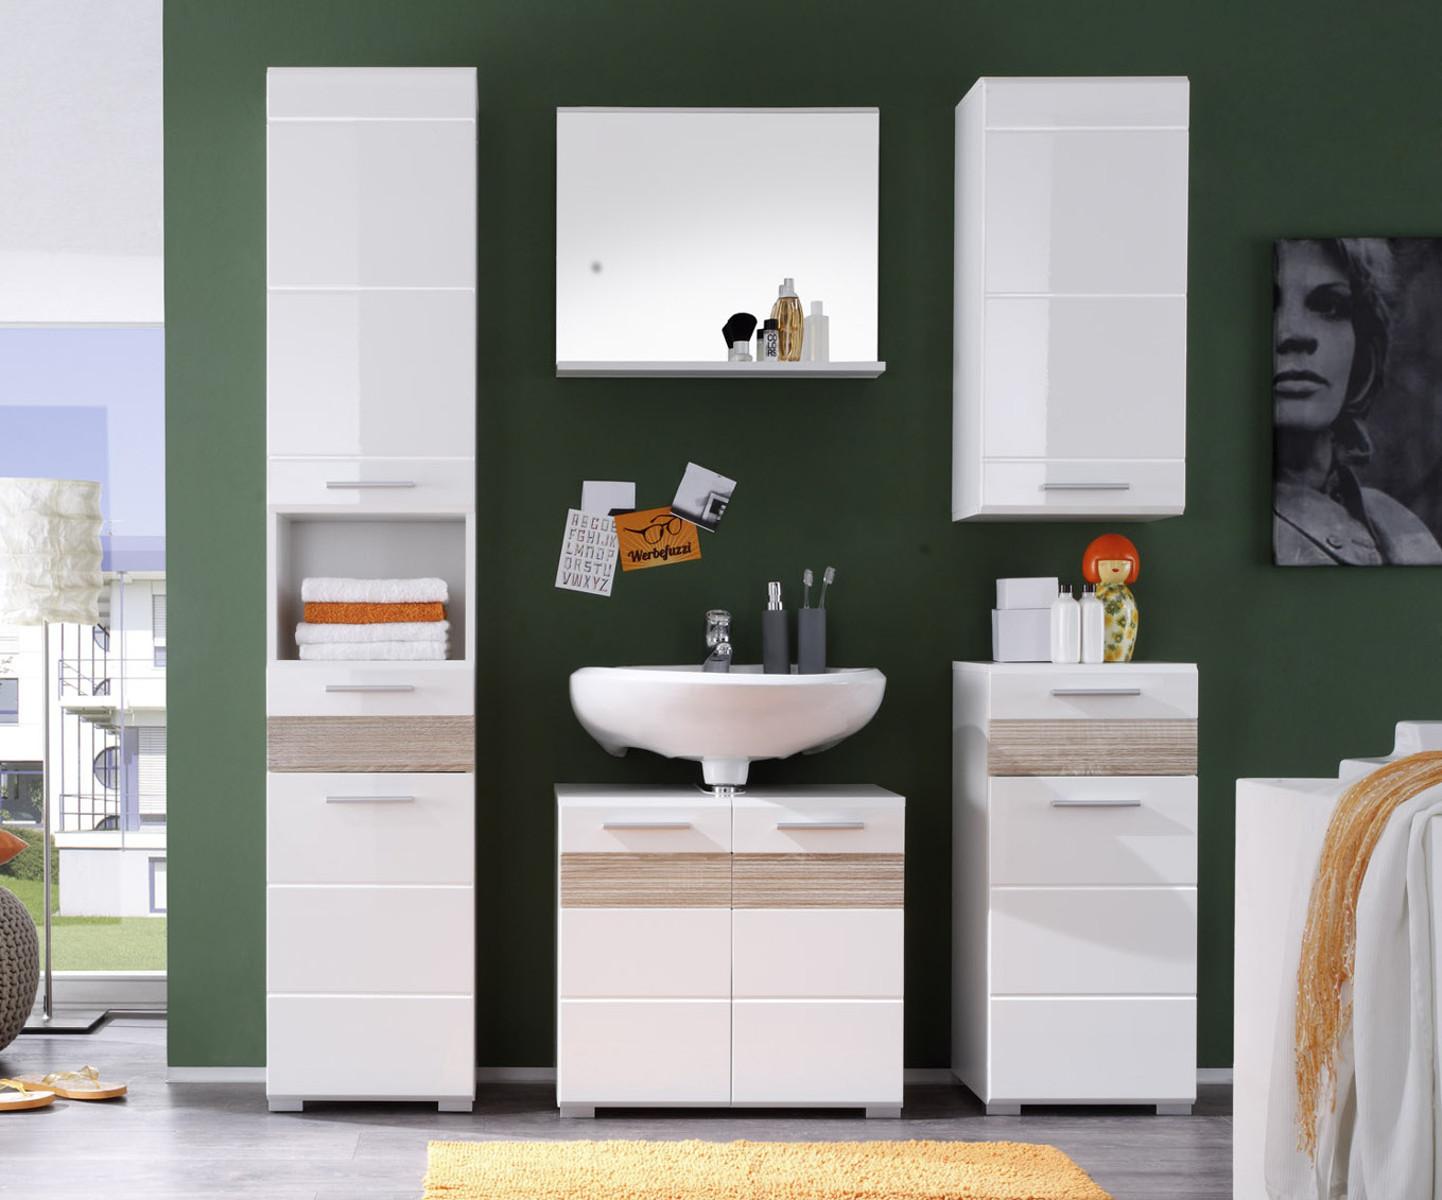 h ngeschrank mezzo wei hochglanz g nstig kaufen. Black Bedroom Furniture Sets. Home Design Ideas